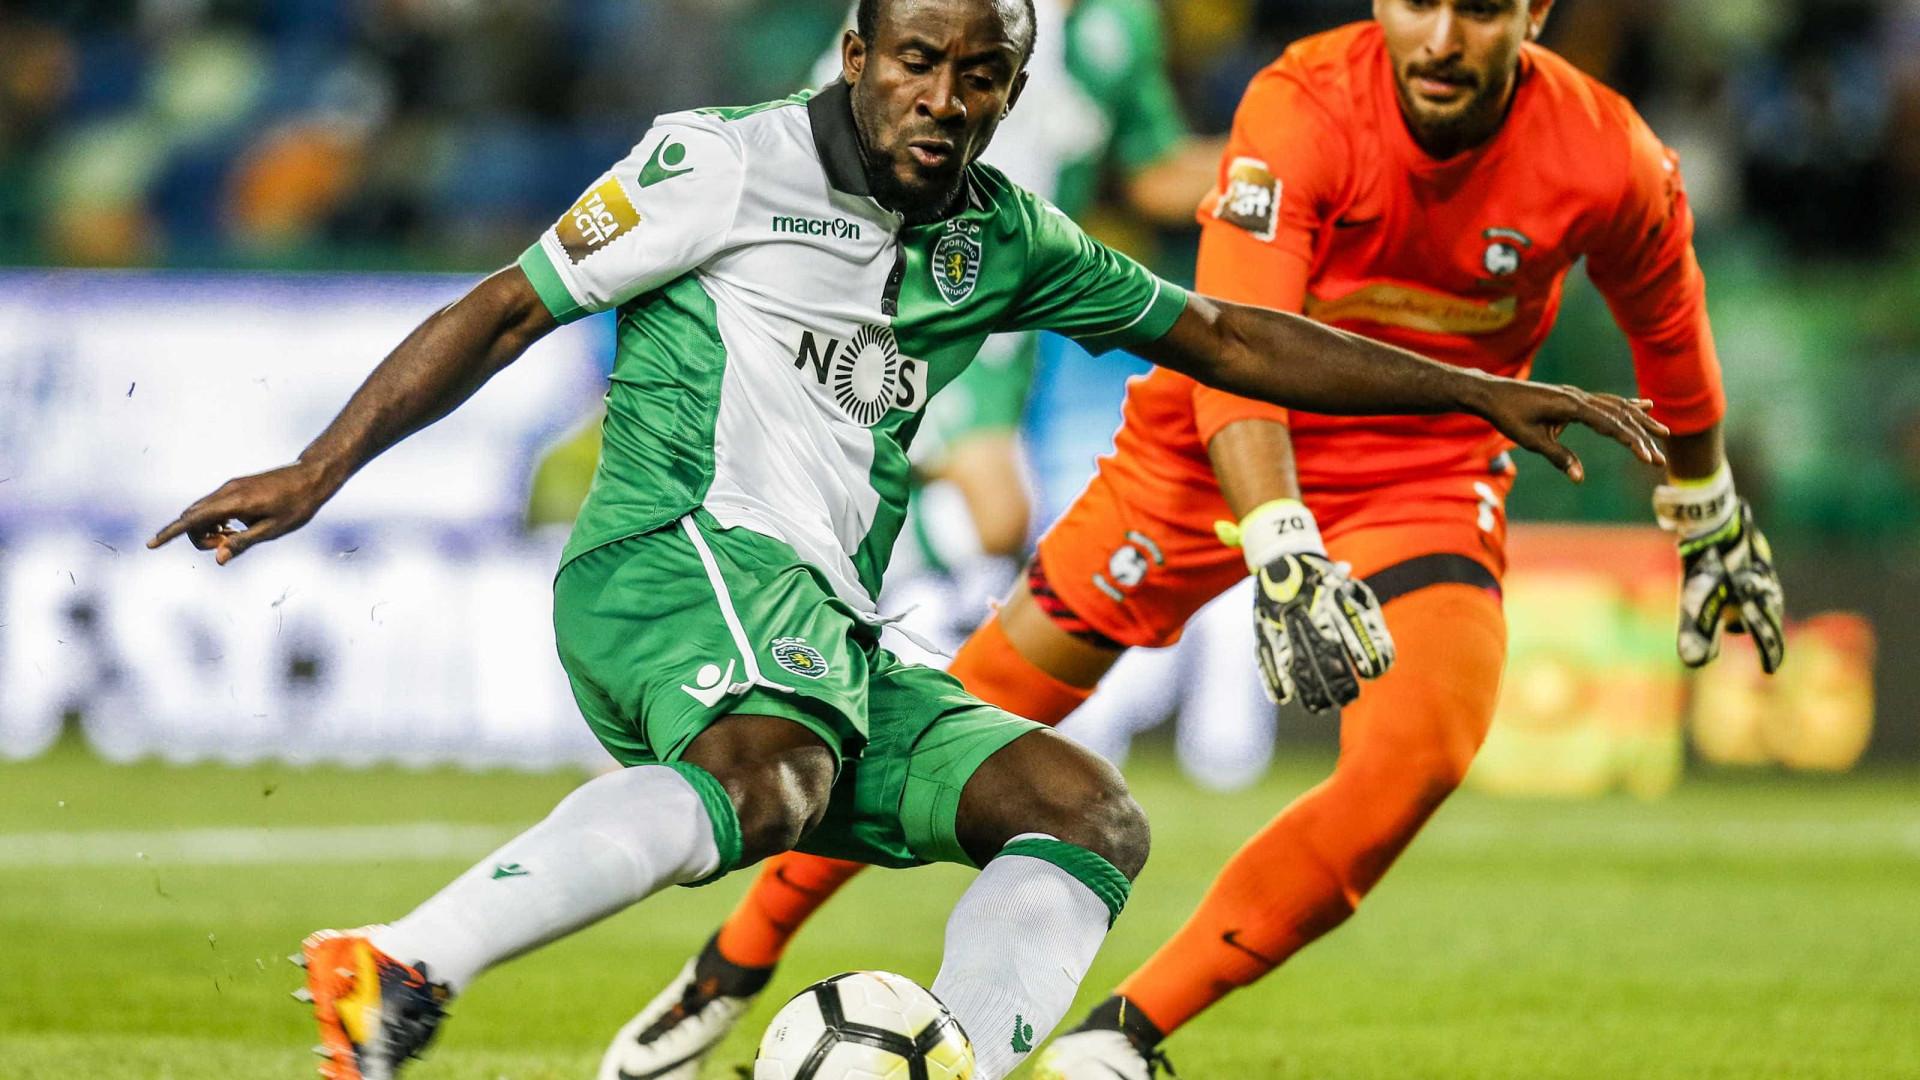 Fase de grupos da Taça da Liga abre com empate entre leões